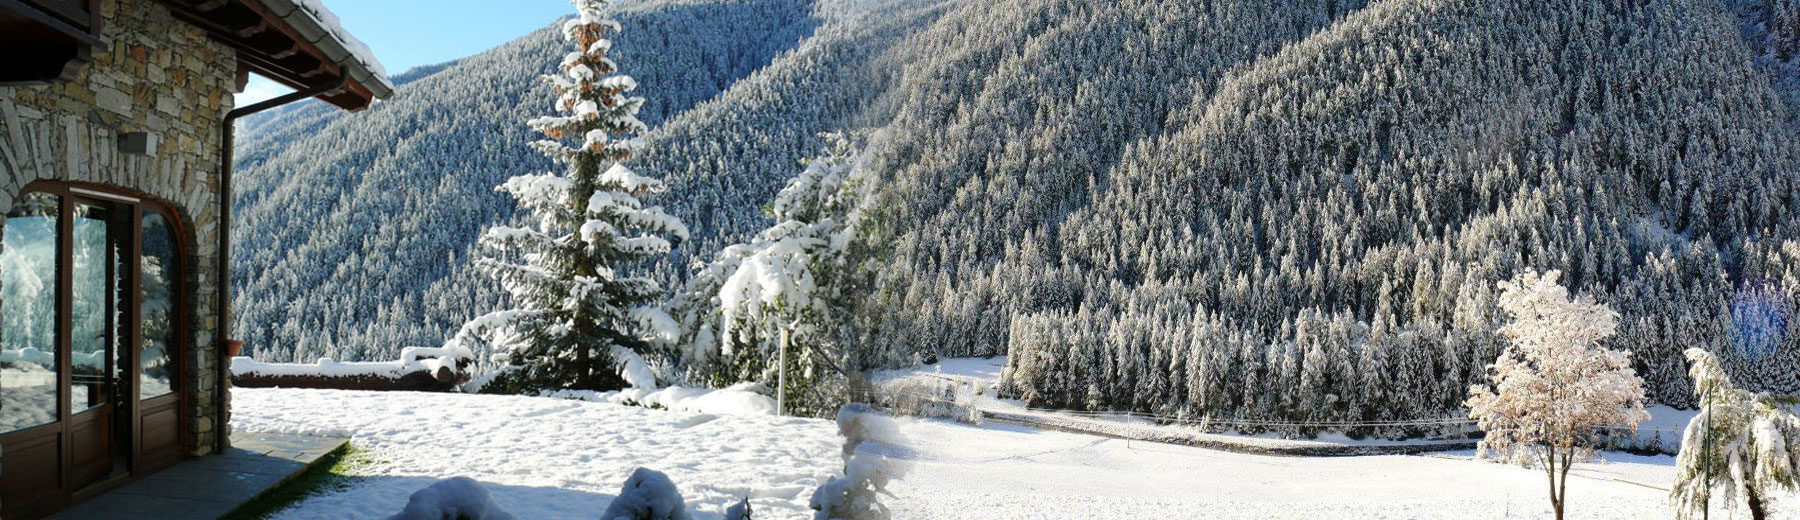 Saint-Oyen - Valle d'Aosta - Italia